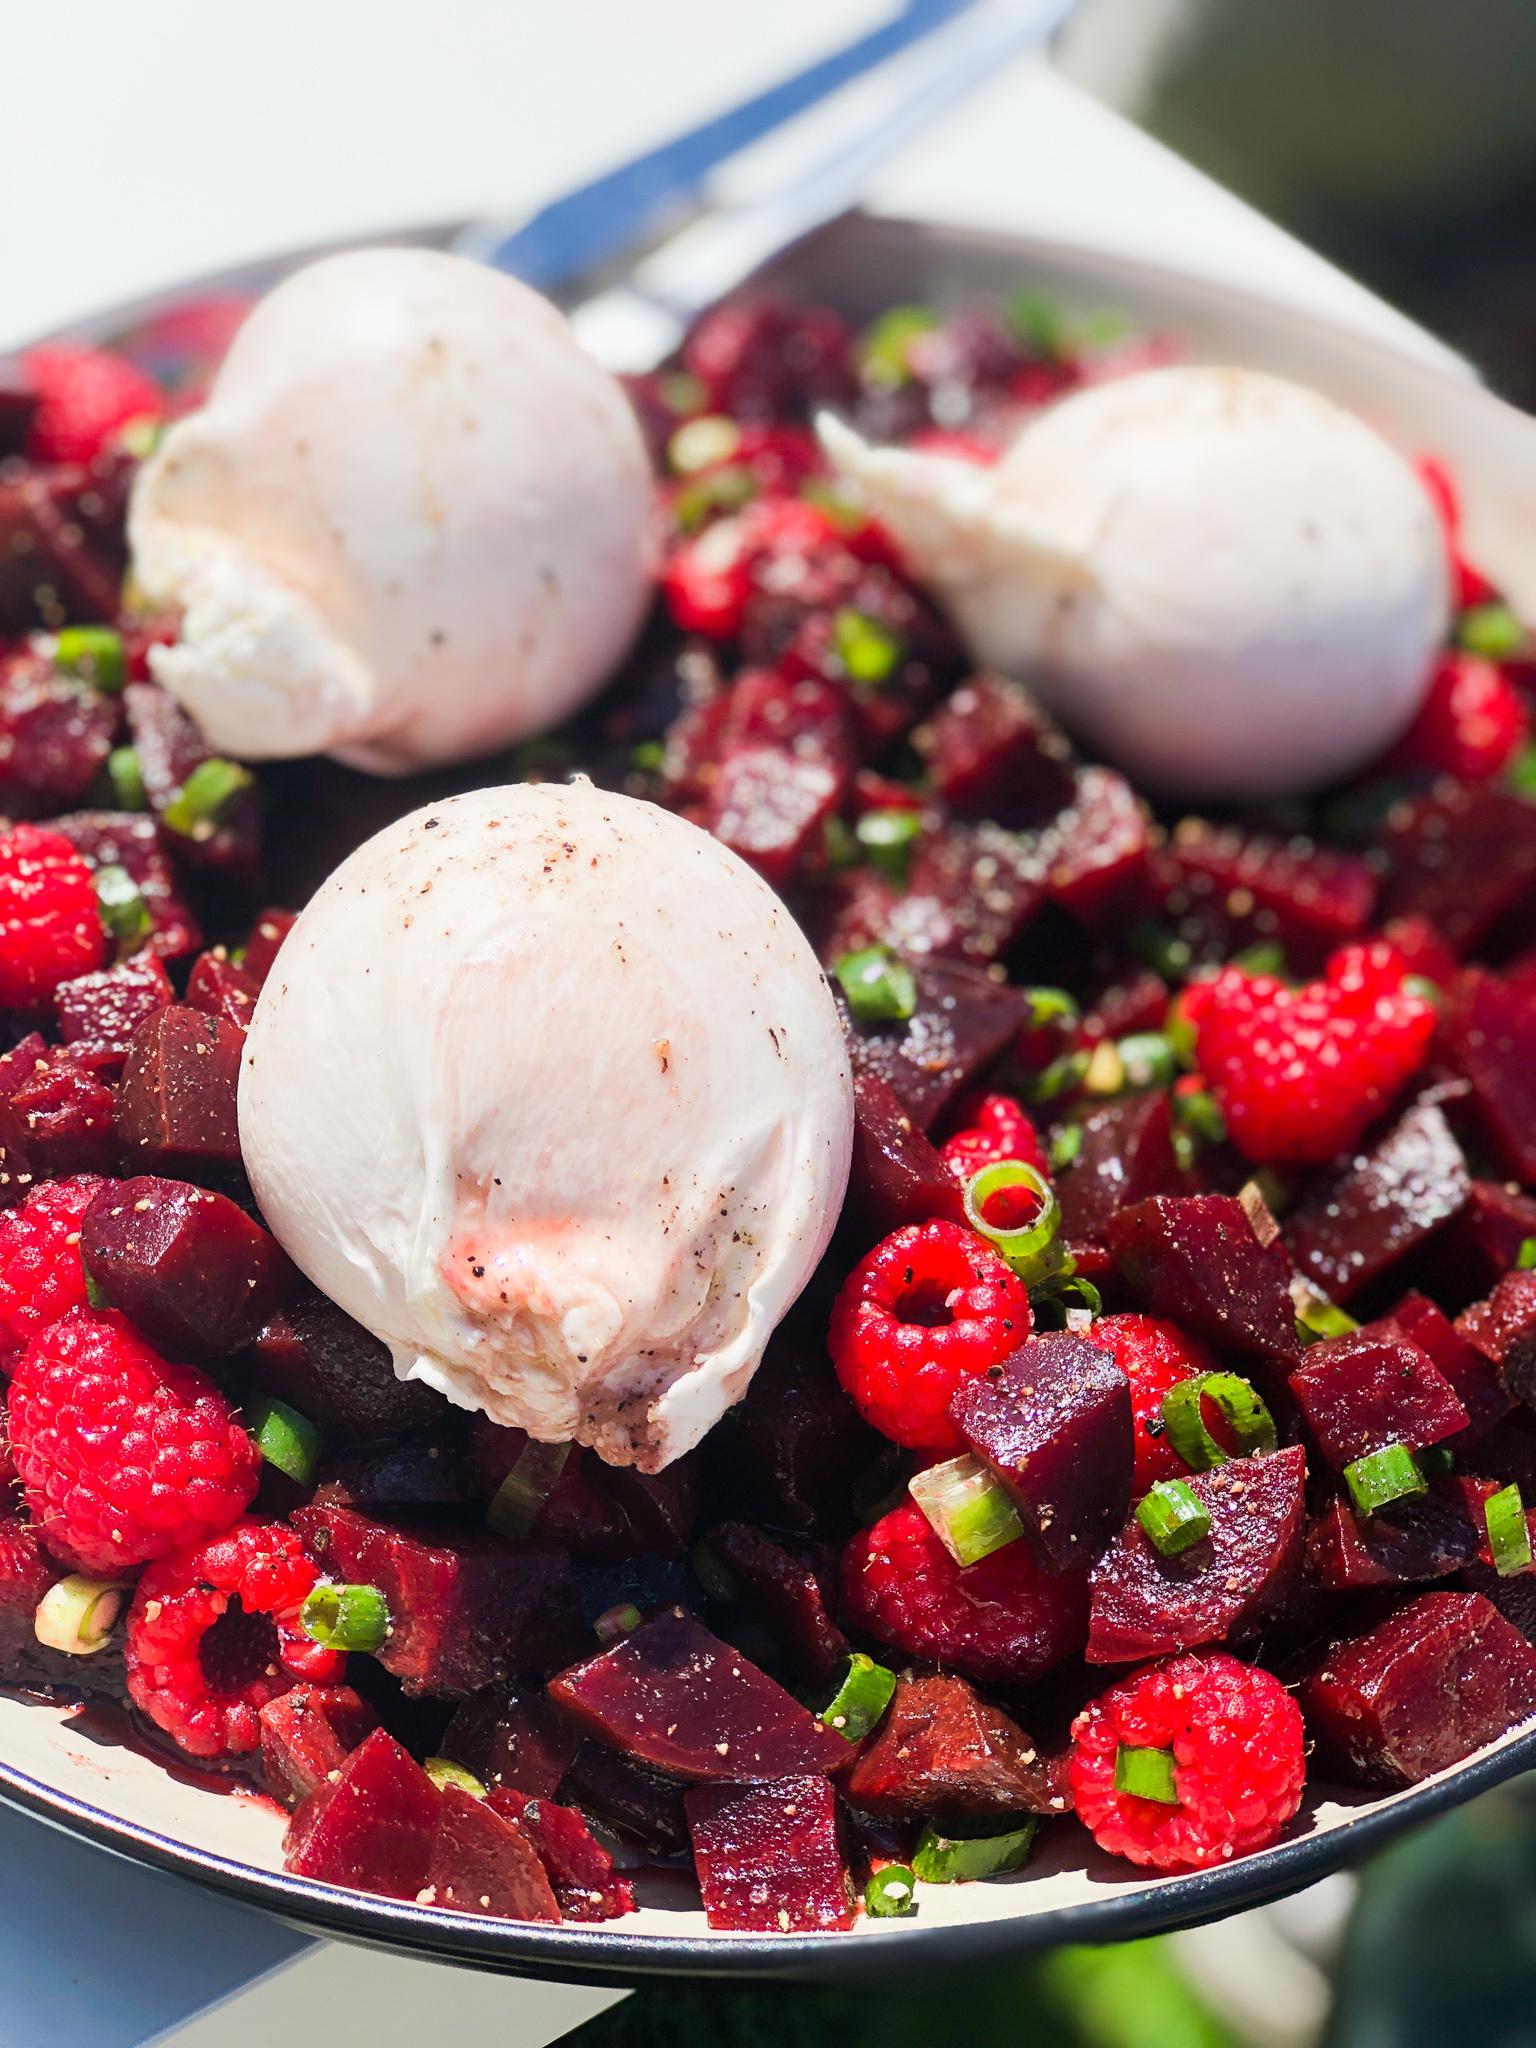 Recept voor zomerse salade van burrata, rode biet en frambozen